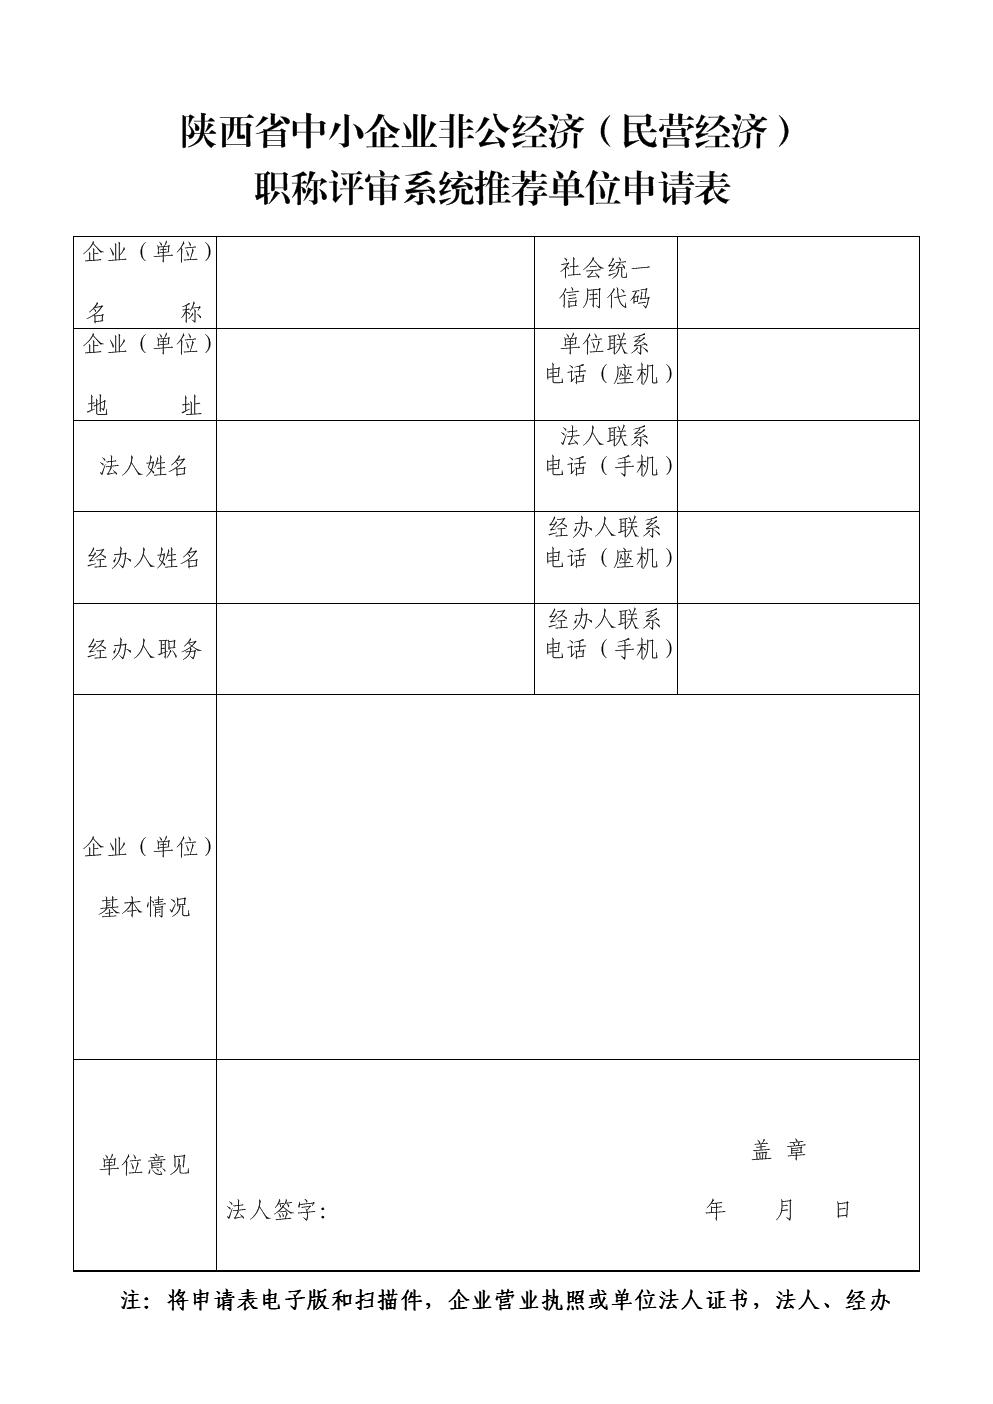 陕西中小企业非公经济民营经济.doc